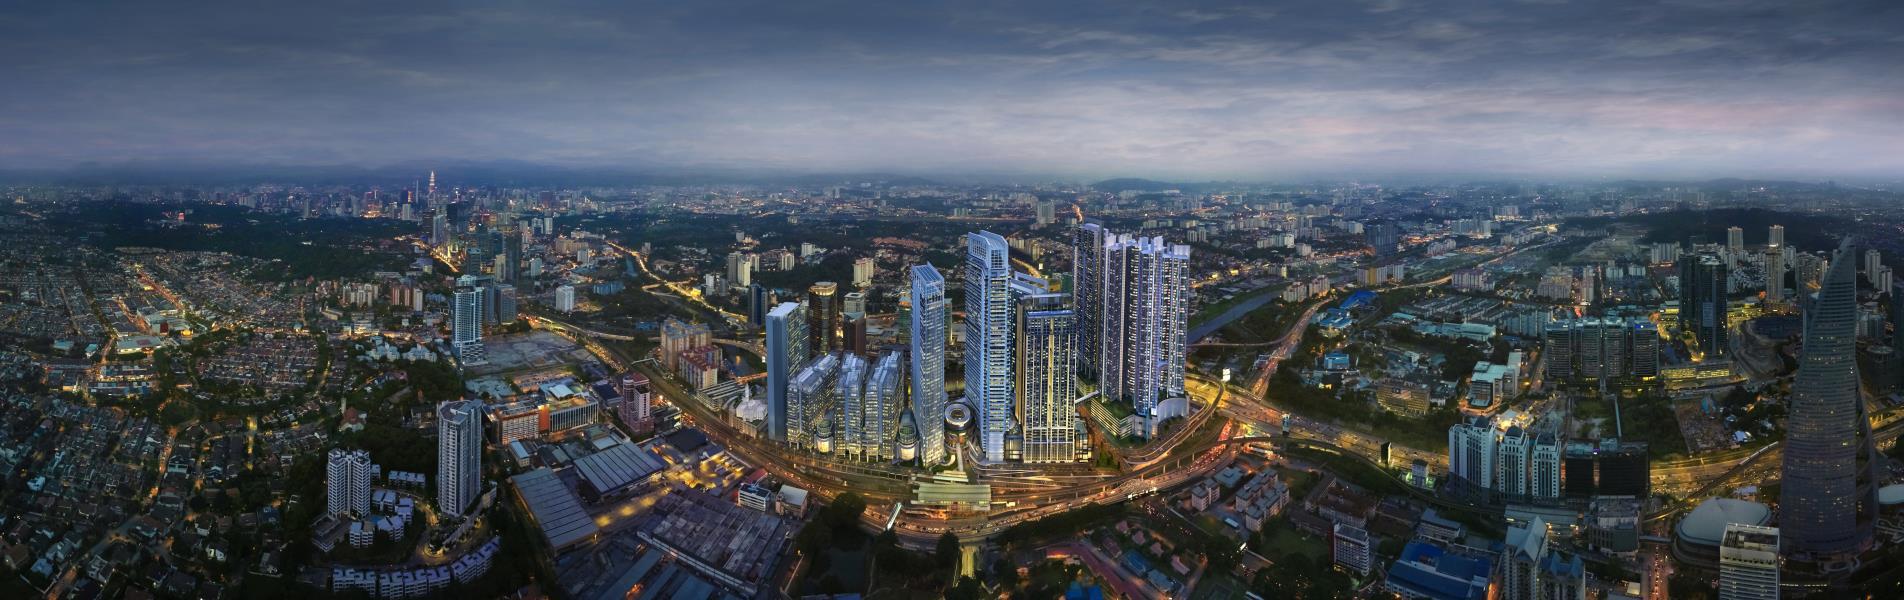 Aspire Tower @ KL Eco City